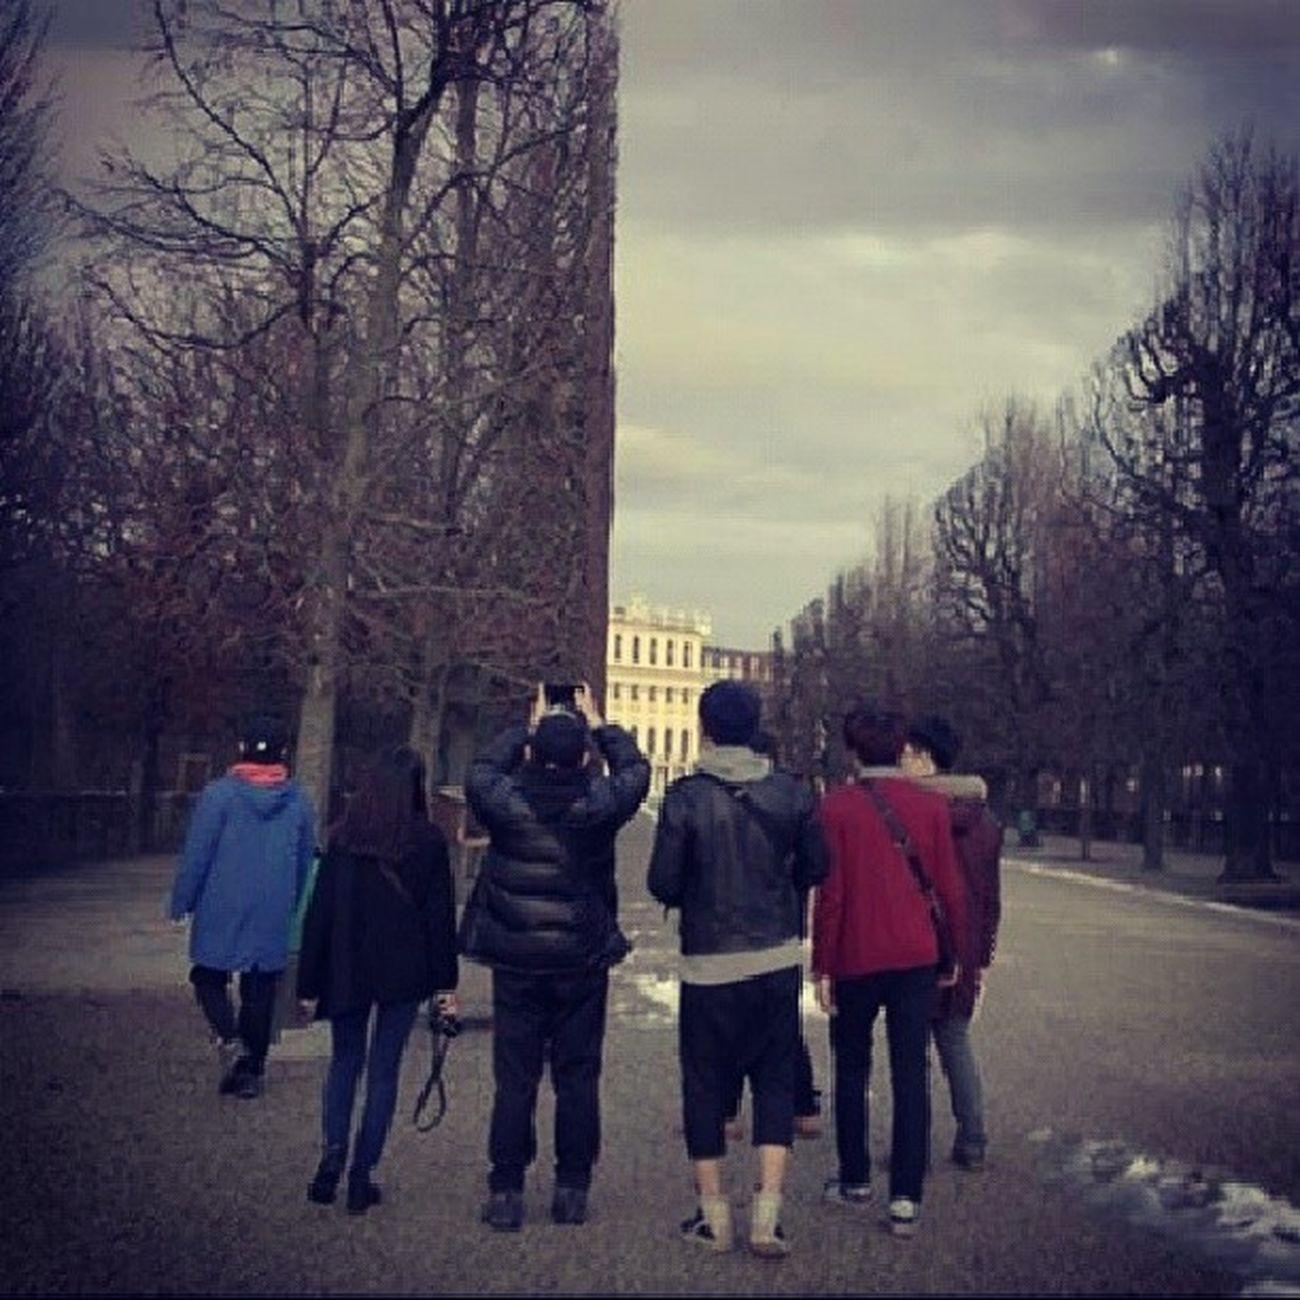 Austria-Vienna 크좋앗징 ㅜㅠ Austria Vienna 해외여행 배낭여행 유럽 추억